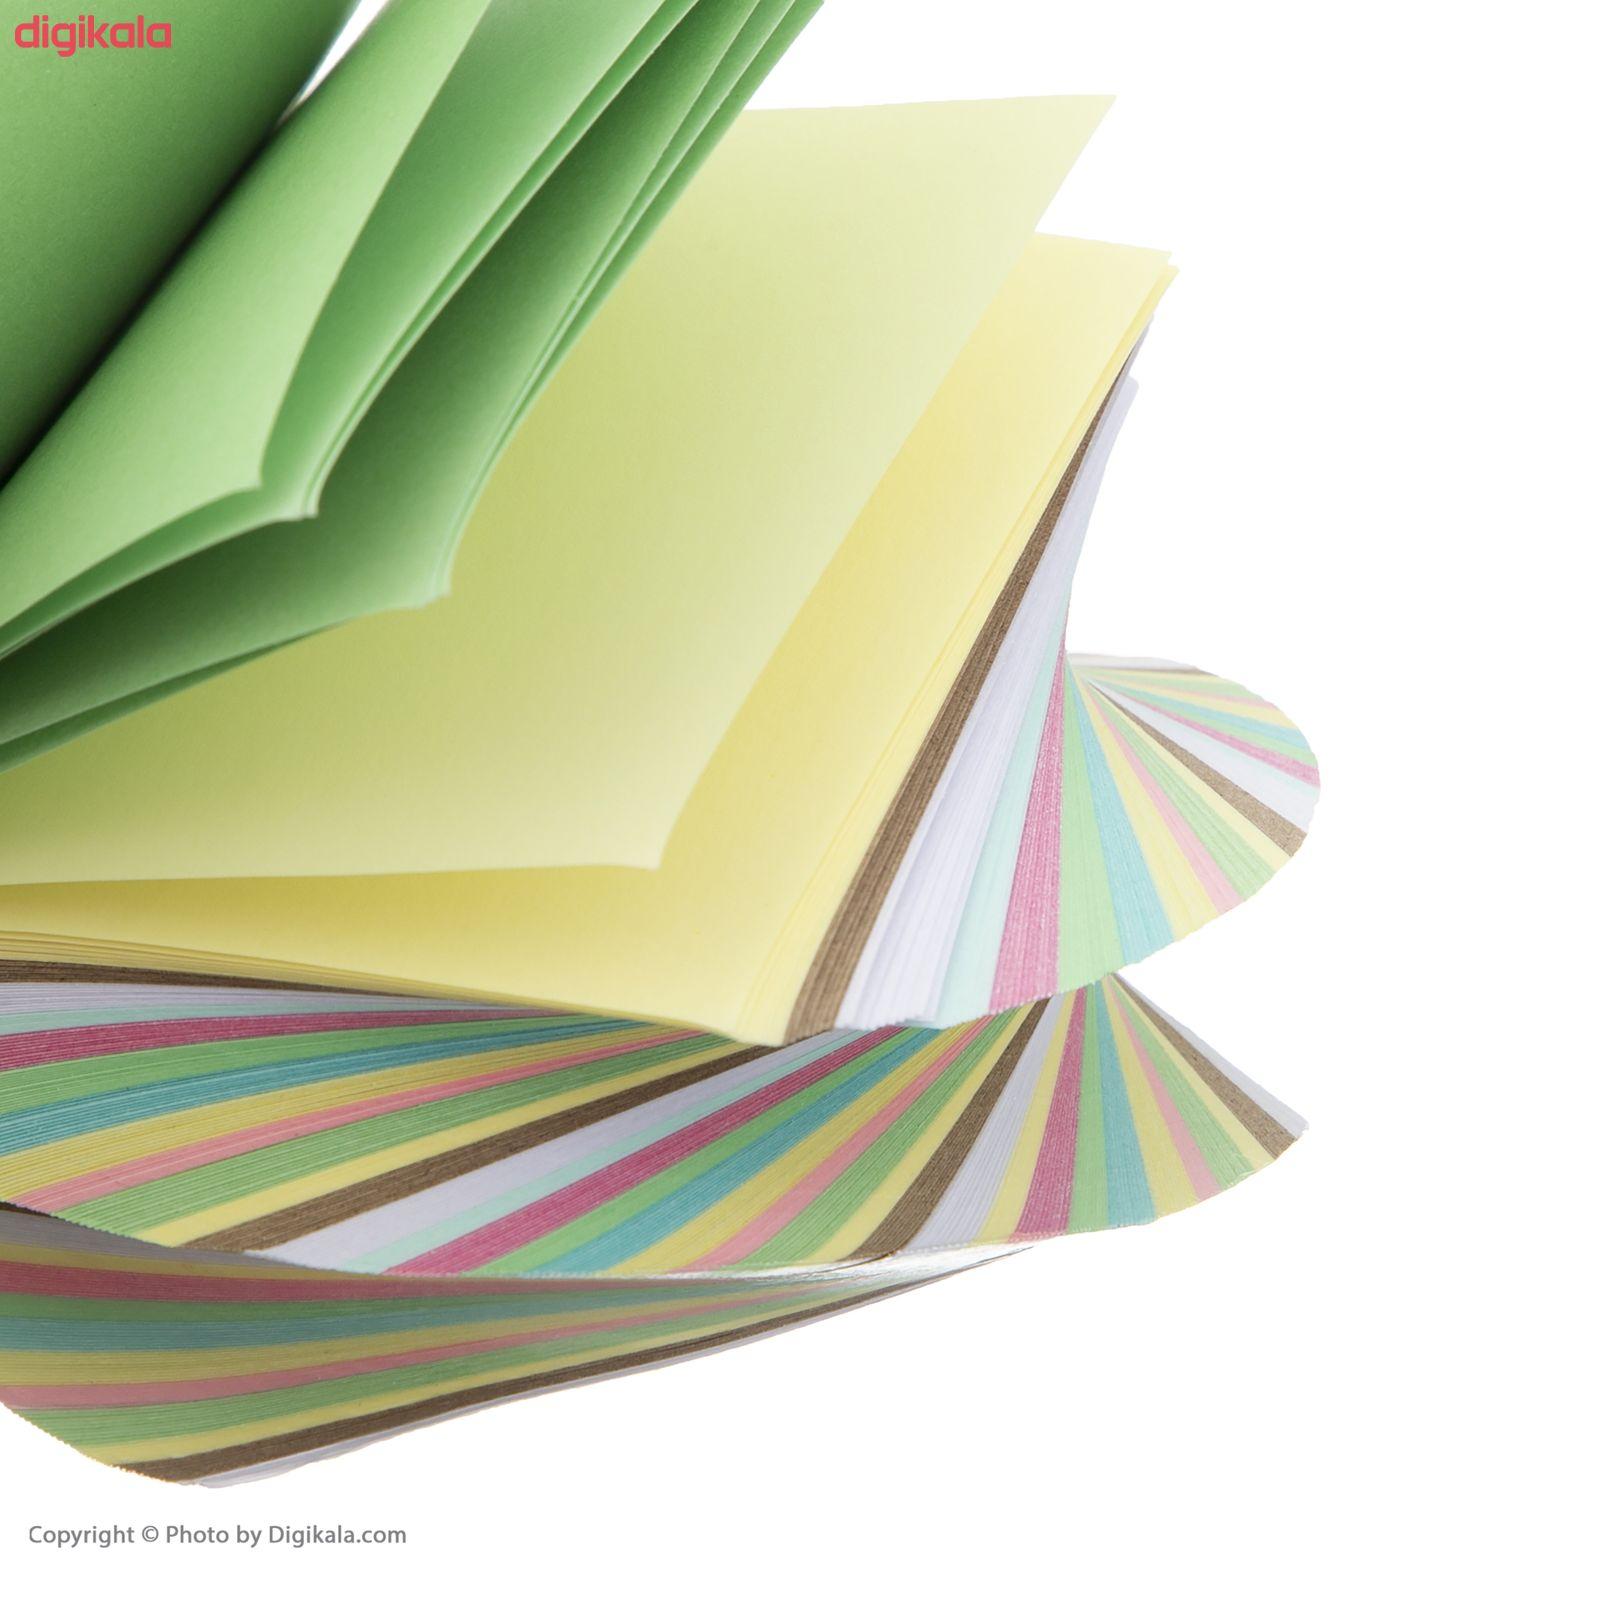 کاغذ یادداشت 10 رنگ طرح چرخشی main 1 2